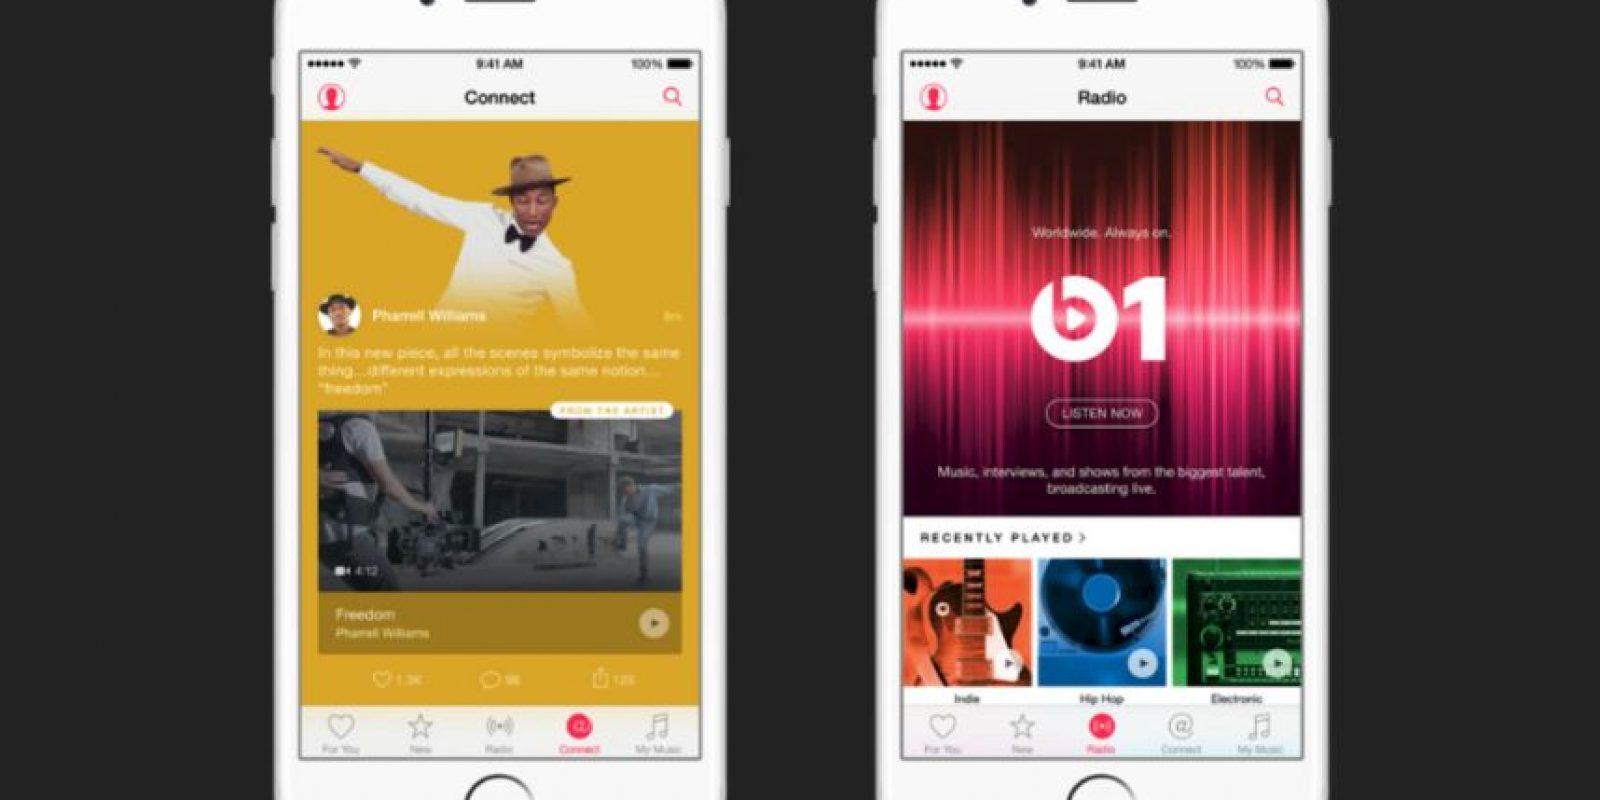 3) Disponible en 100 países, a diferencia de los 55 de Spotify Foto:Apple